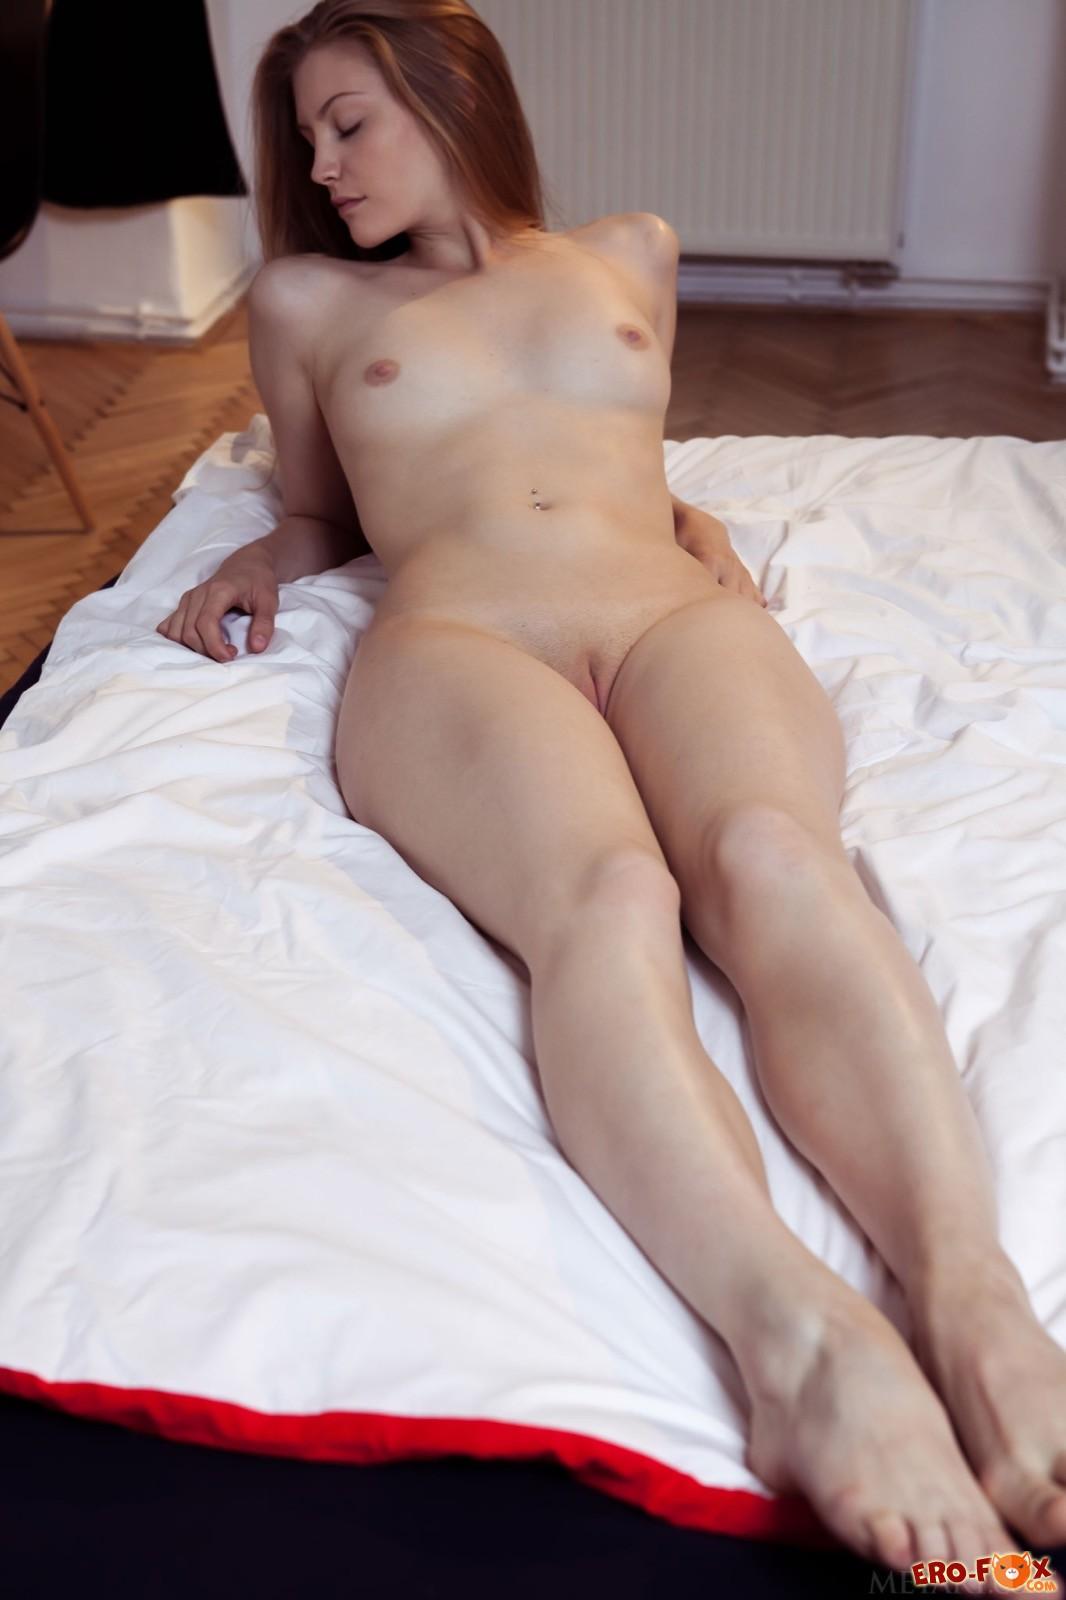 Красивая девица оголила упругую сексуальную попку